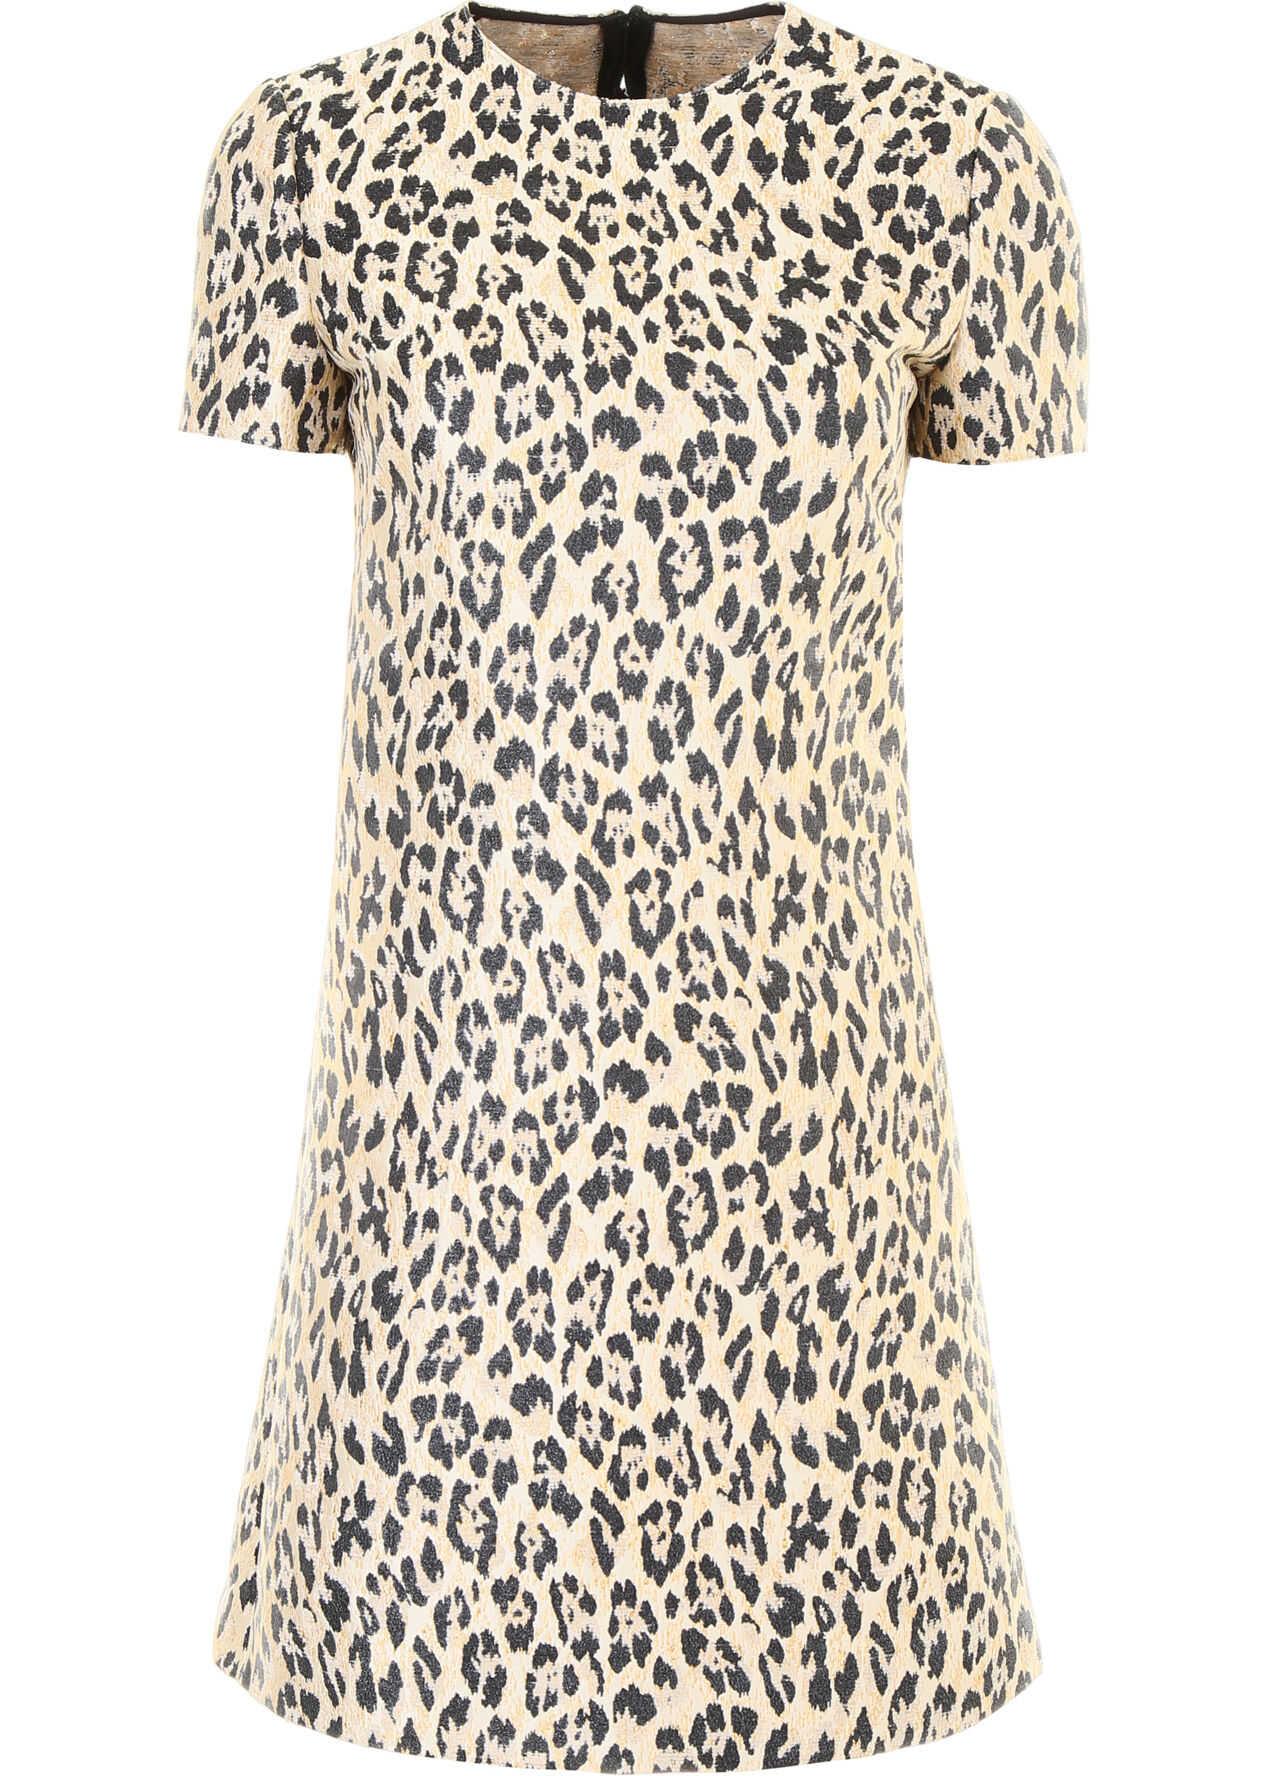 Valentino Garavani Leopard Mini Dress WILD LEOPARD